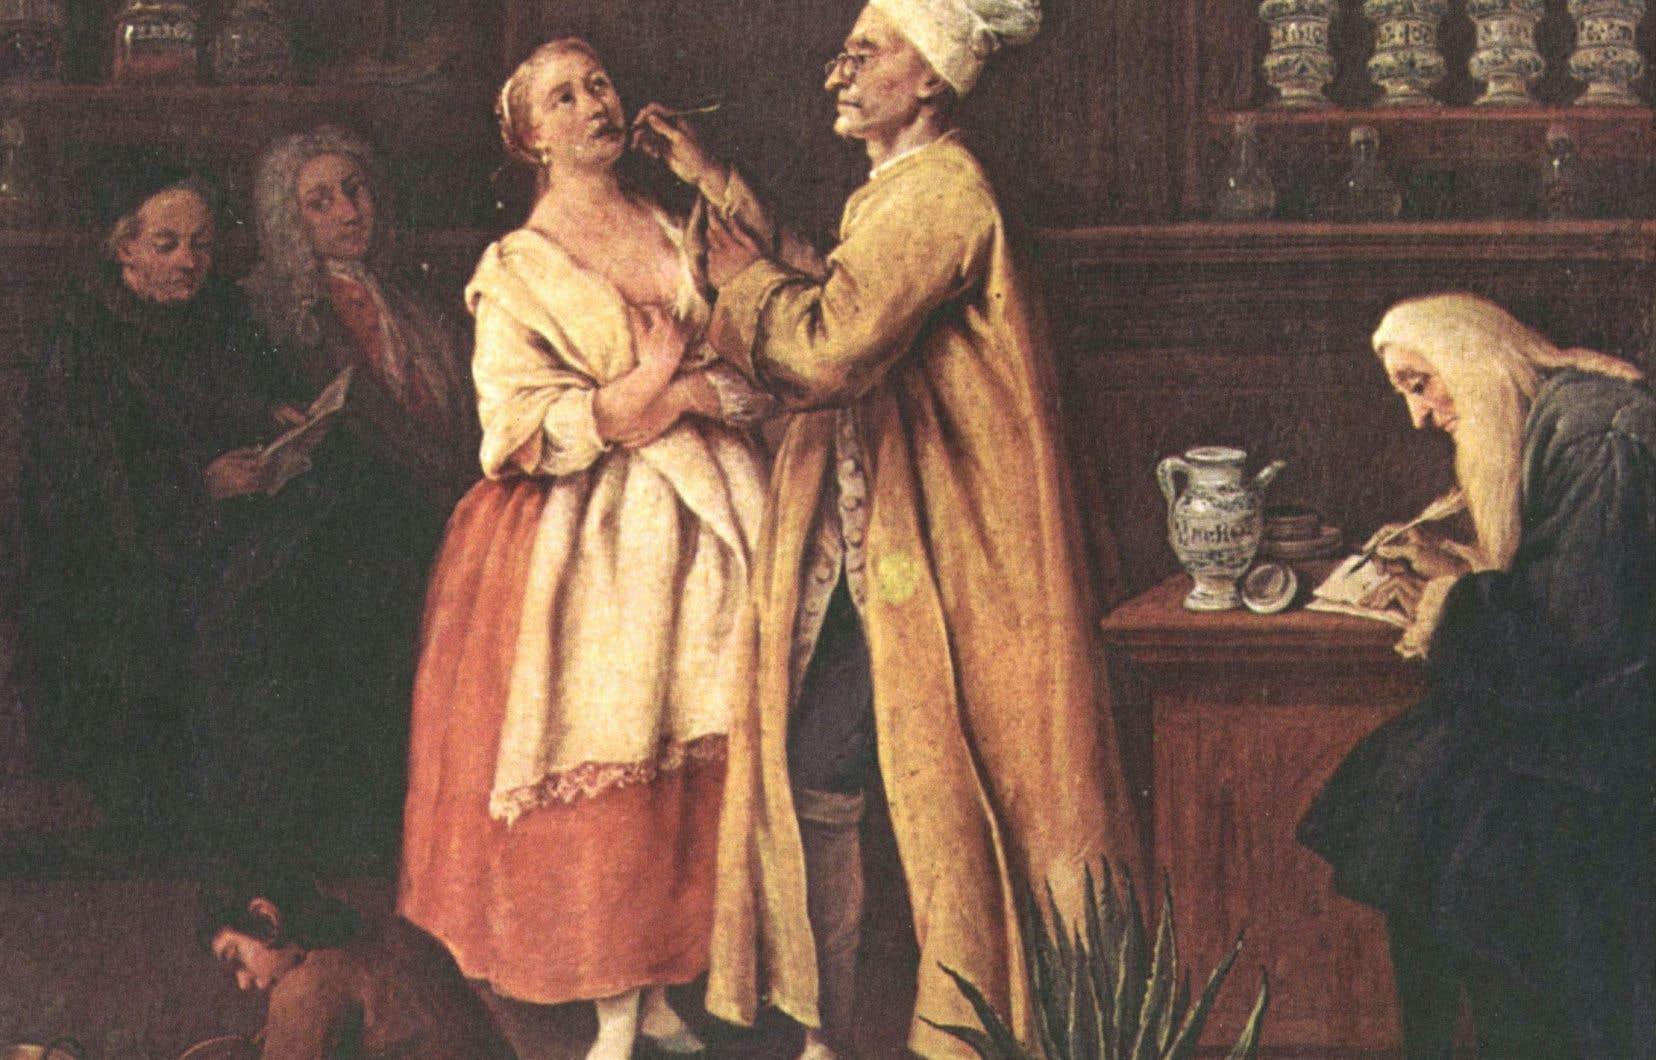 Scène dans une pharmacie vénitienne vers 1752. Un médecin, coiffé d'un bonnet, examine une patiente pendant qu'un pharmacien écrit une ordonnance.